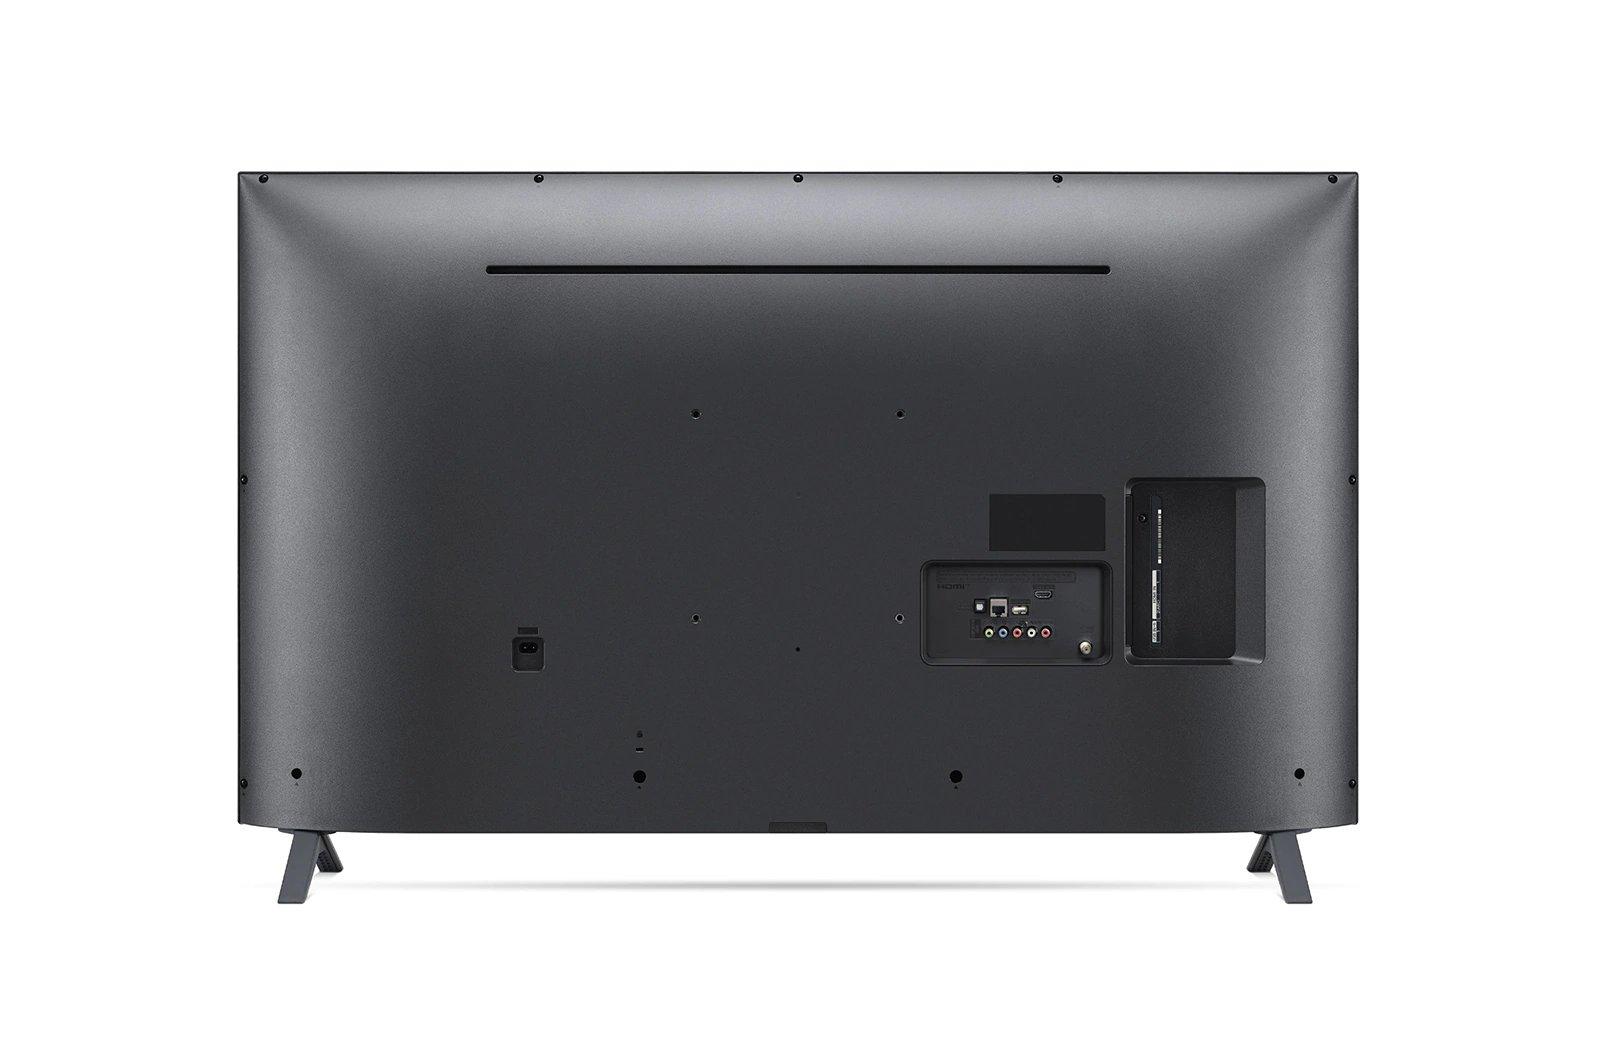 Televizor LG LED 55UN73506LB  - 4